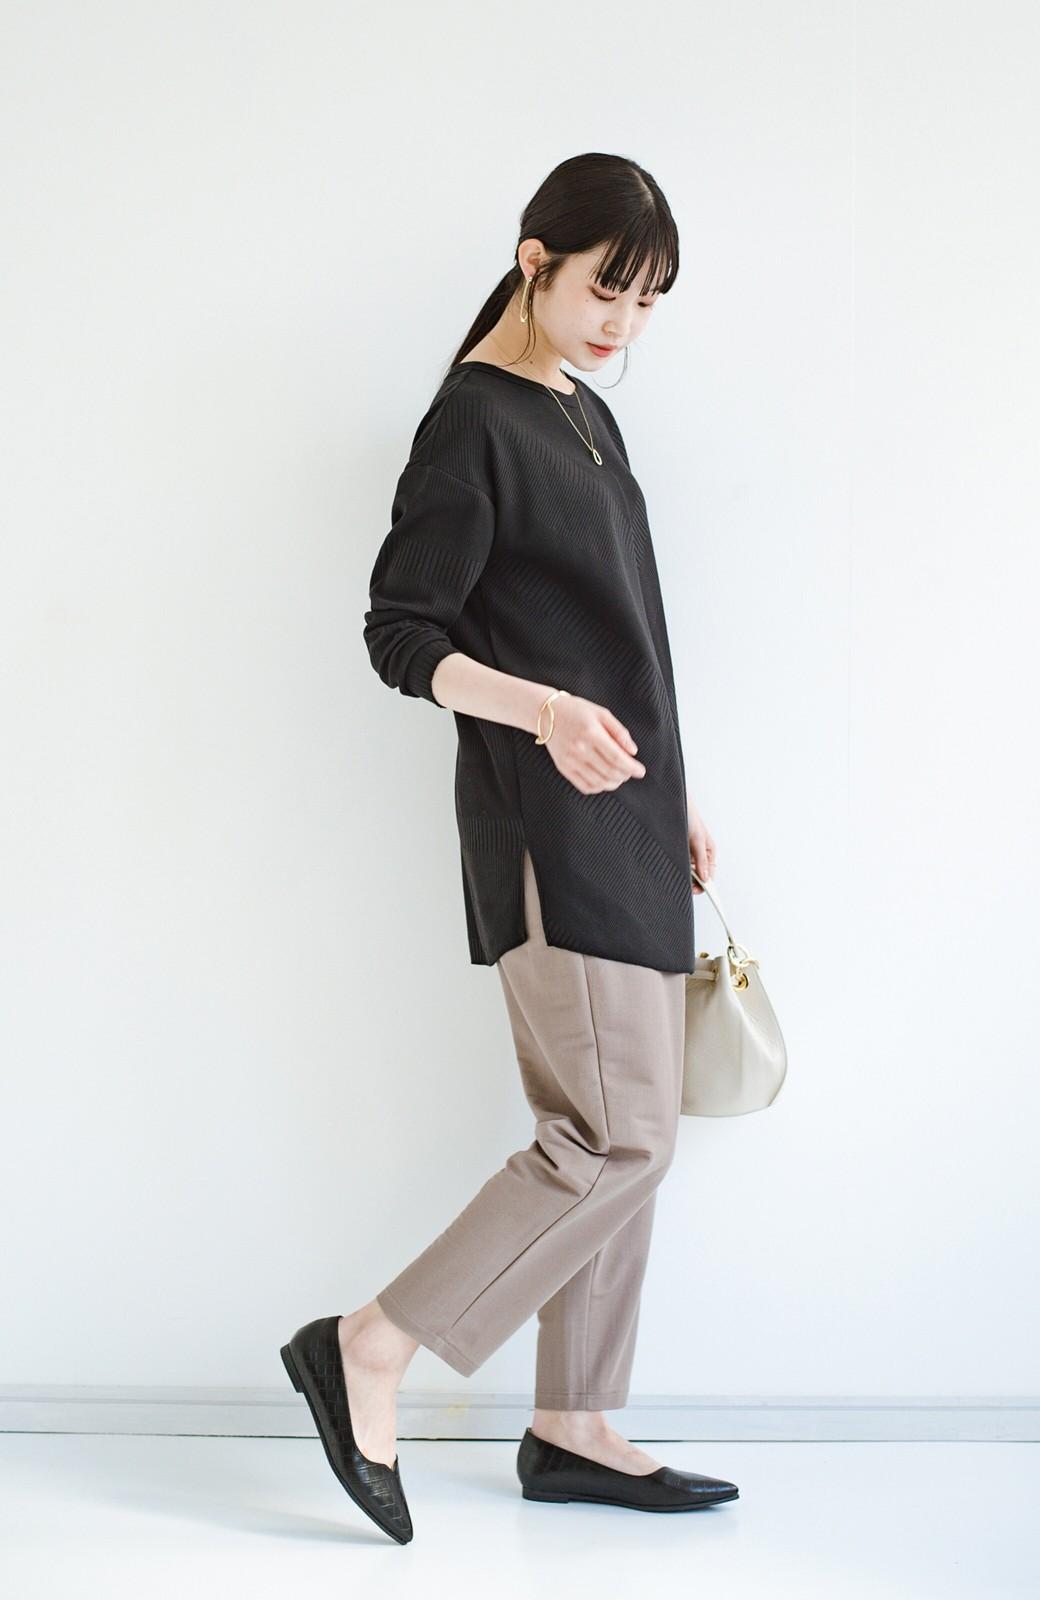 haco! 【防水】普段もお仕事も雨の日も!さっと履いて女っぽい Vカットが足をきれいに見せてくれるフラットパンプス <ブラック>の商品写真11